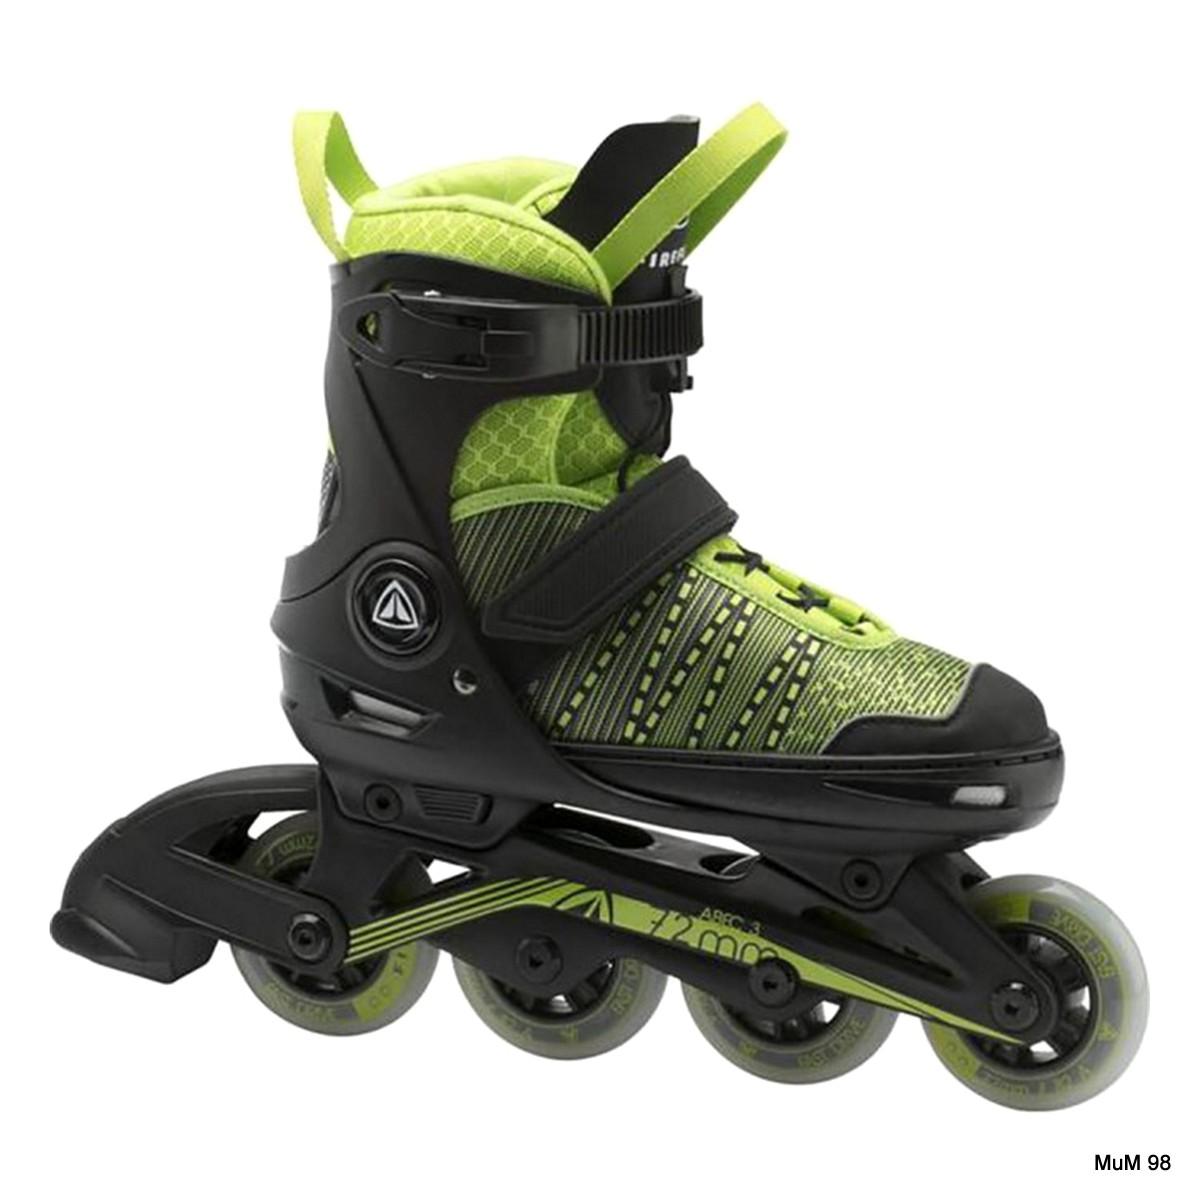 Firefly Inl.-Skate ILS 610 B